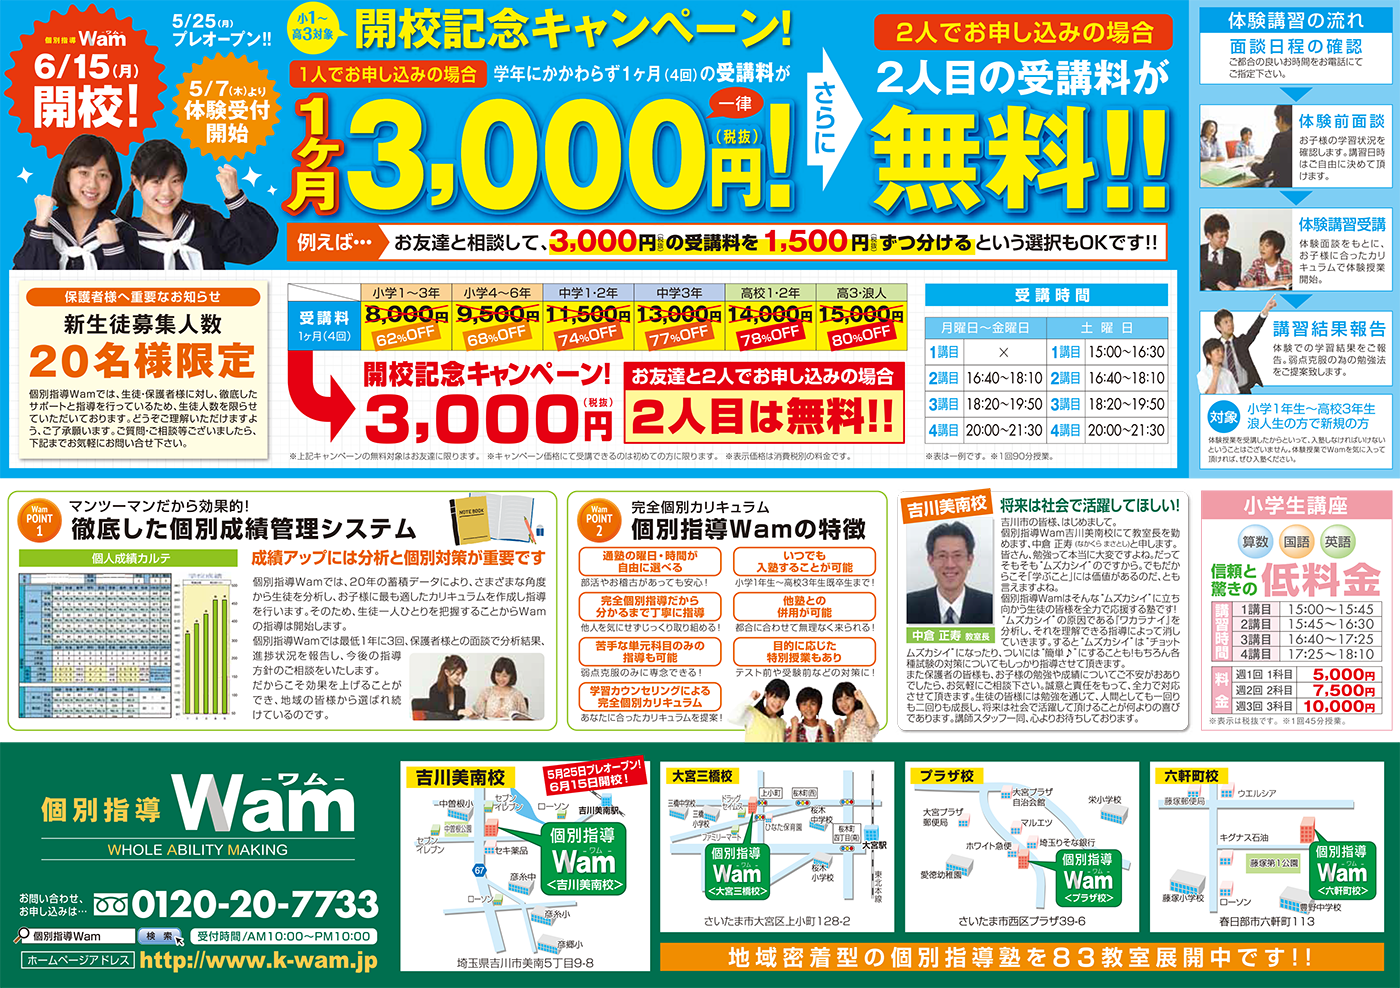 吉川美南校 2015年5月25日(月)プレオープン・ウラ面